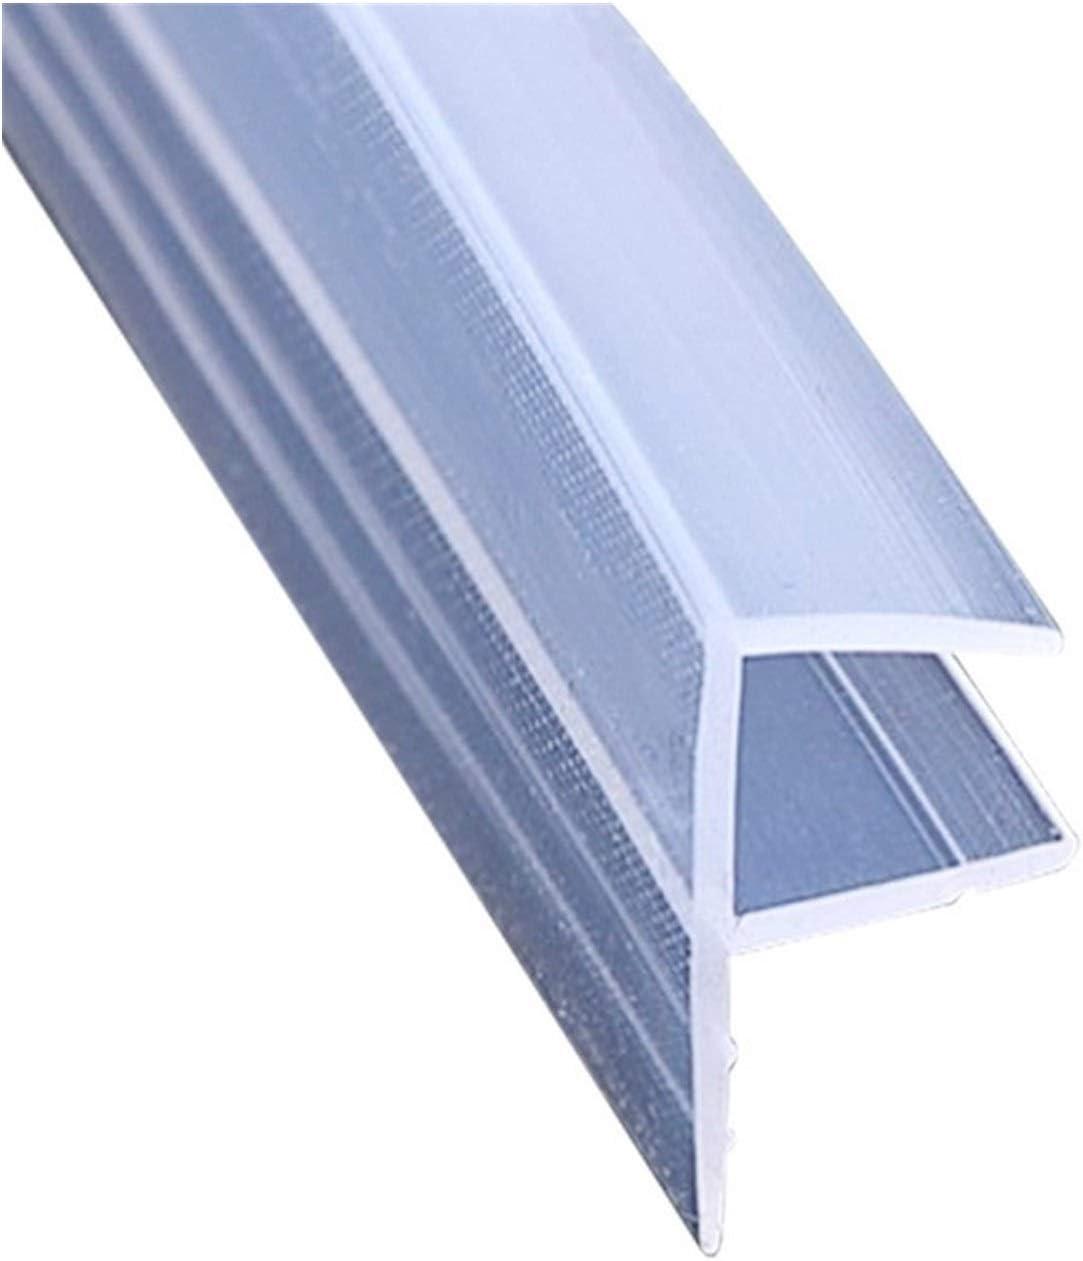 YZDKJ 1M 6-12mm Glass Door Seals Silicone Rubber Shower Room Door Window Glass Seal Strip Weatherstrip Window Door Length : 1m, Shape : U